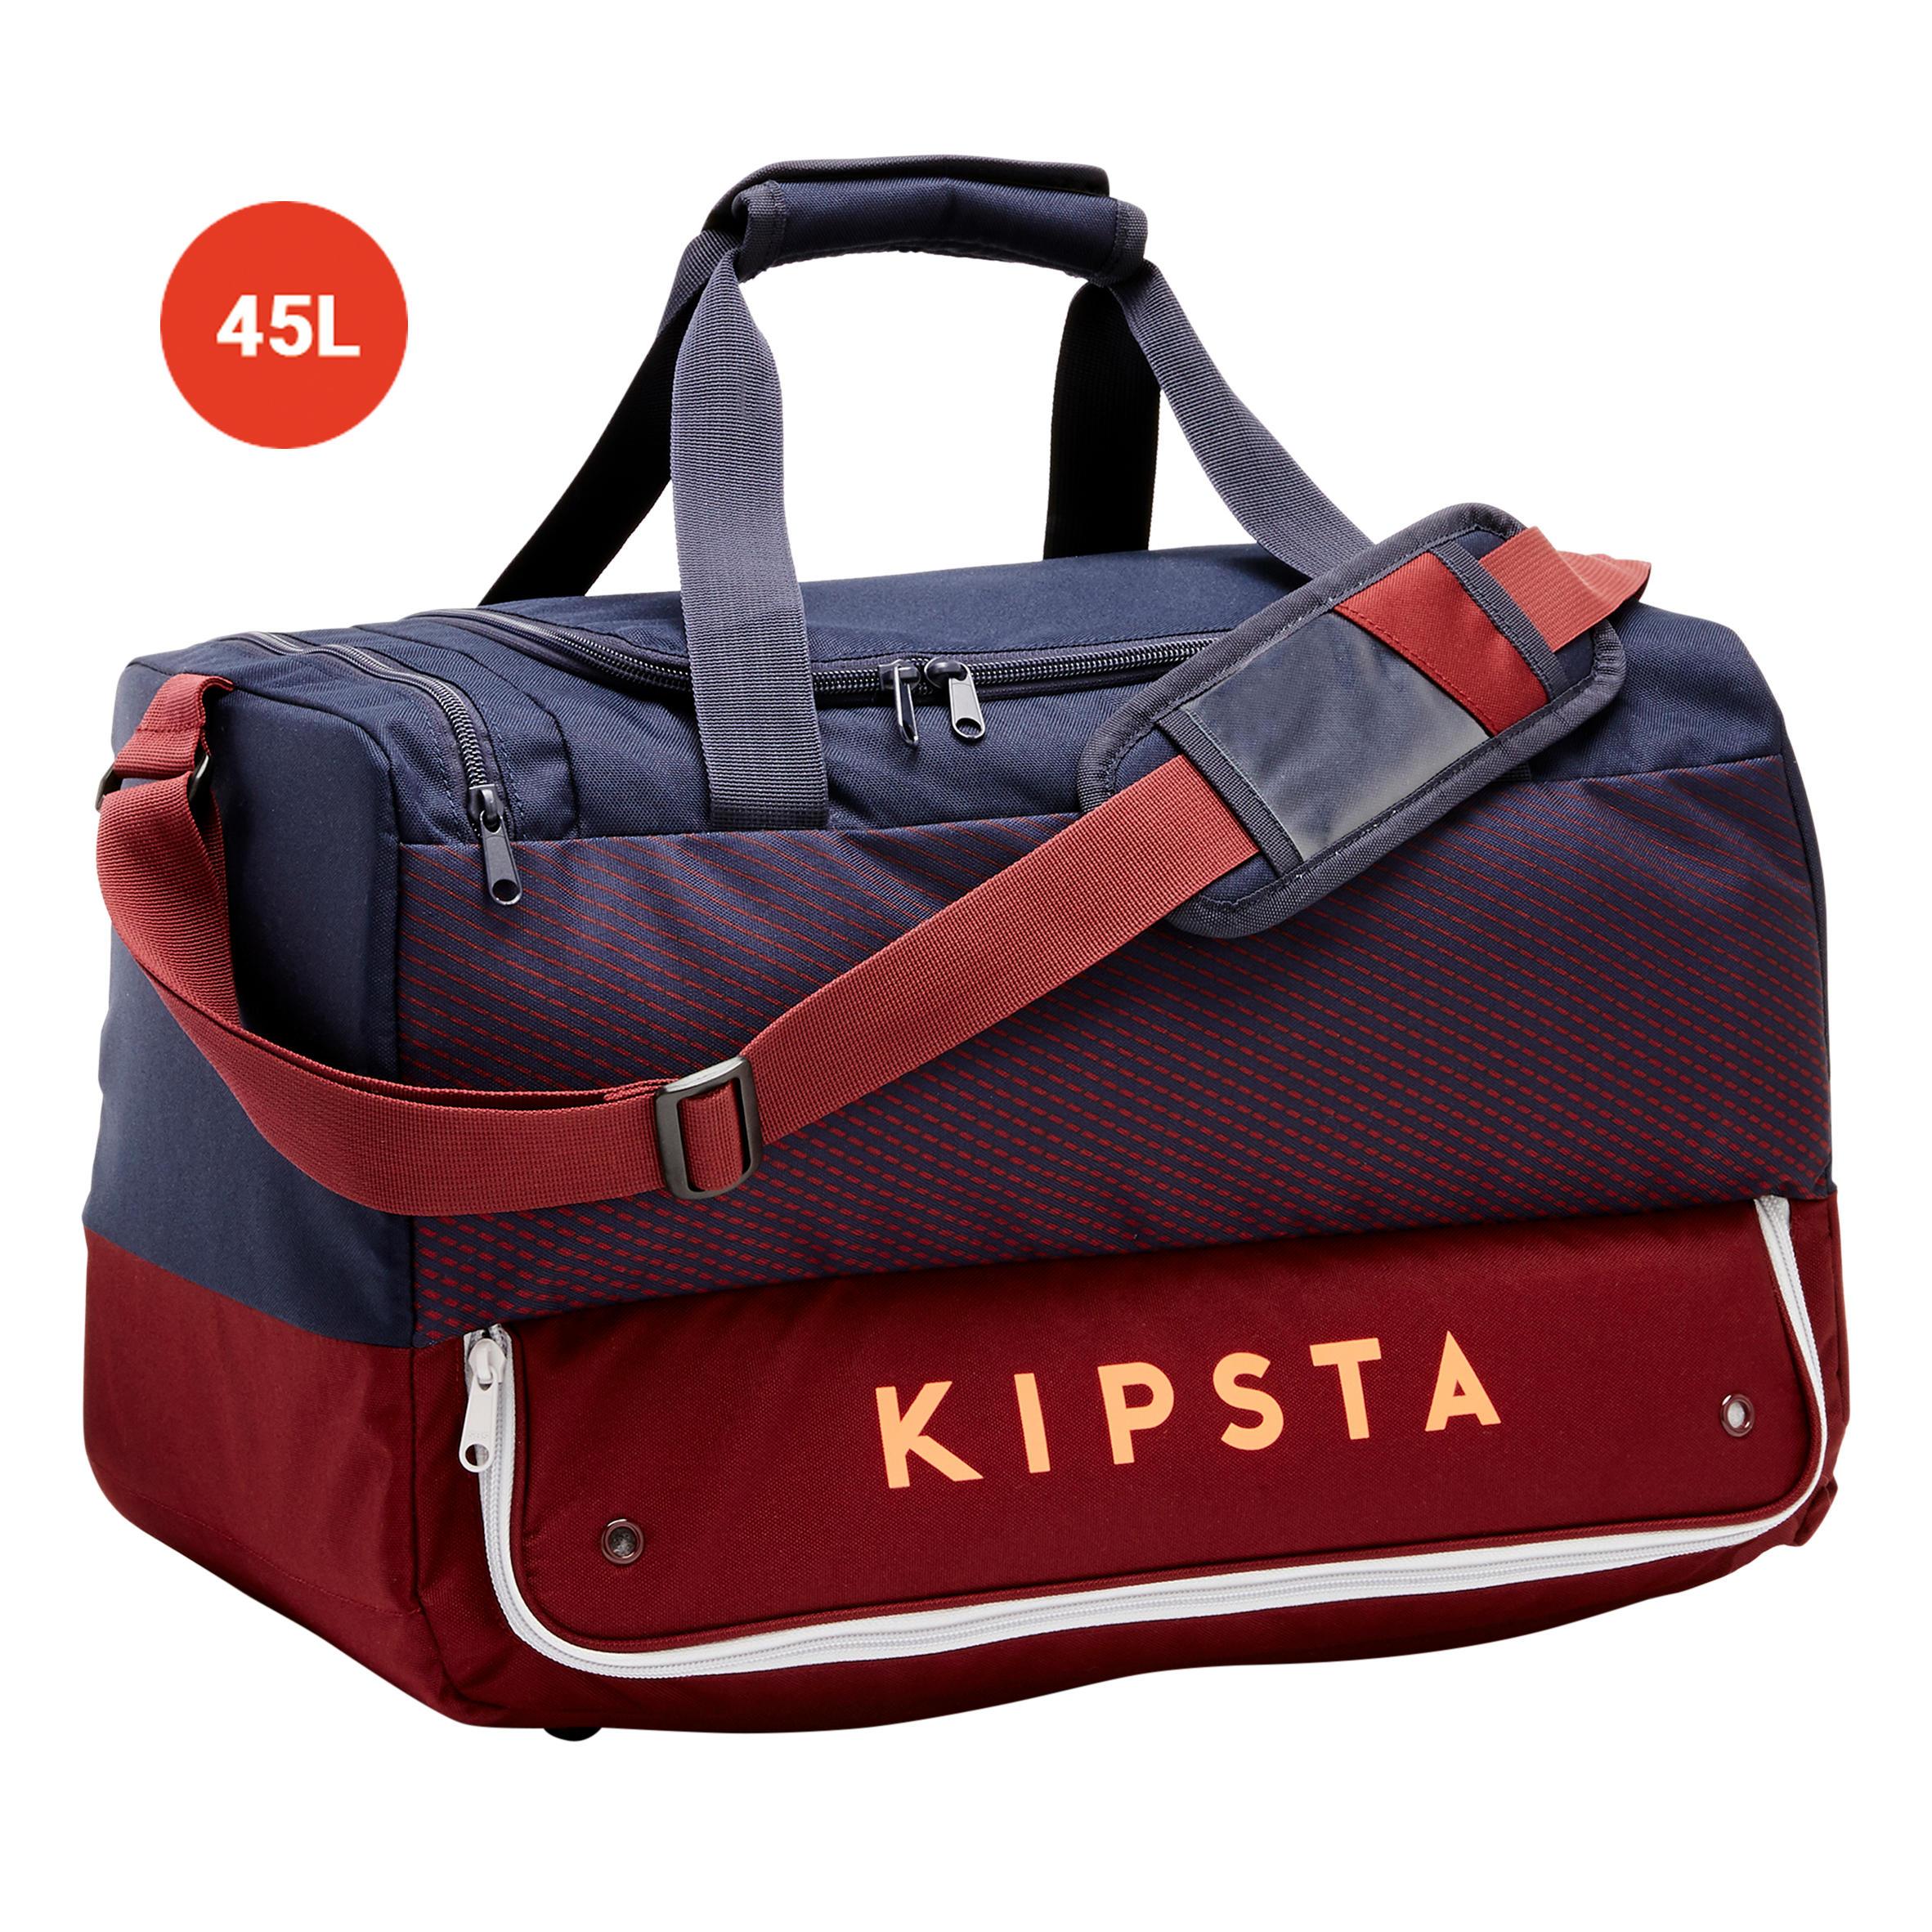 Comprar mochilas de fútbol maletas viaje online decathlon jpg 250x250  Decathlon viaje maletas baratas 10bbc3f2931ff